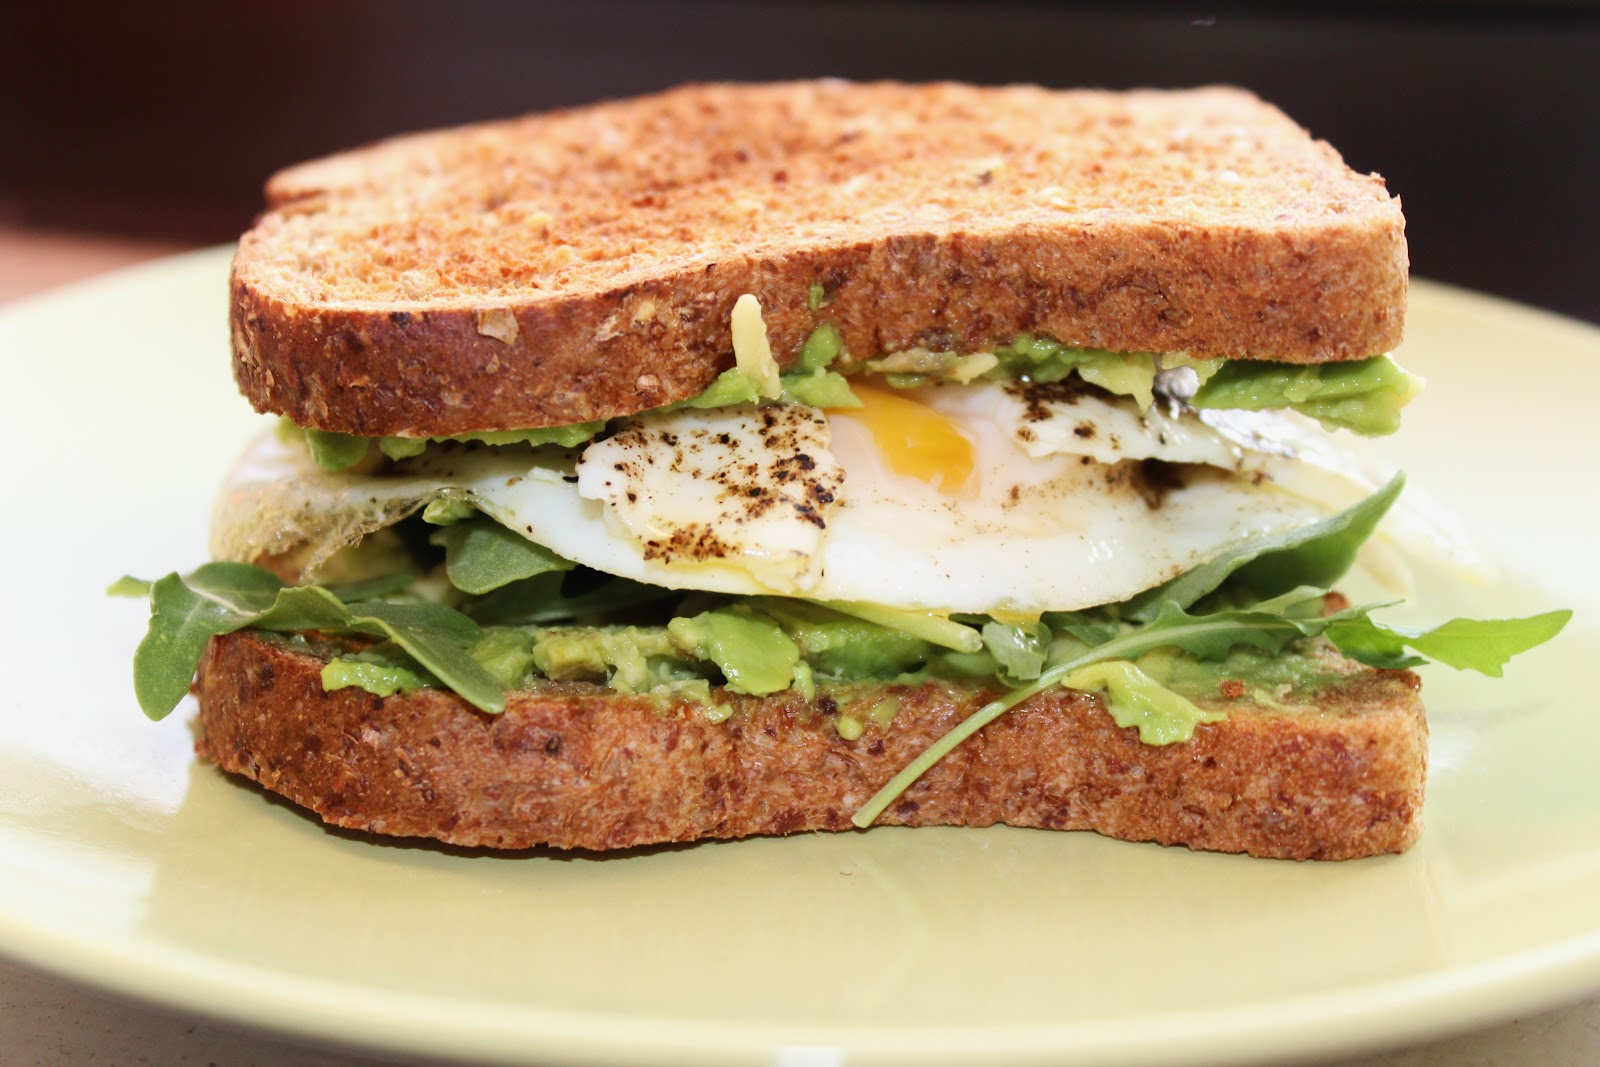 Healthy Avocado Breakfast Healthy Egg And Avocado